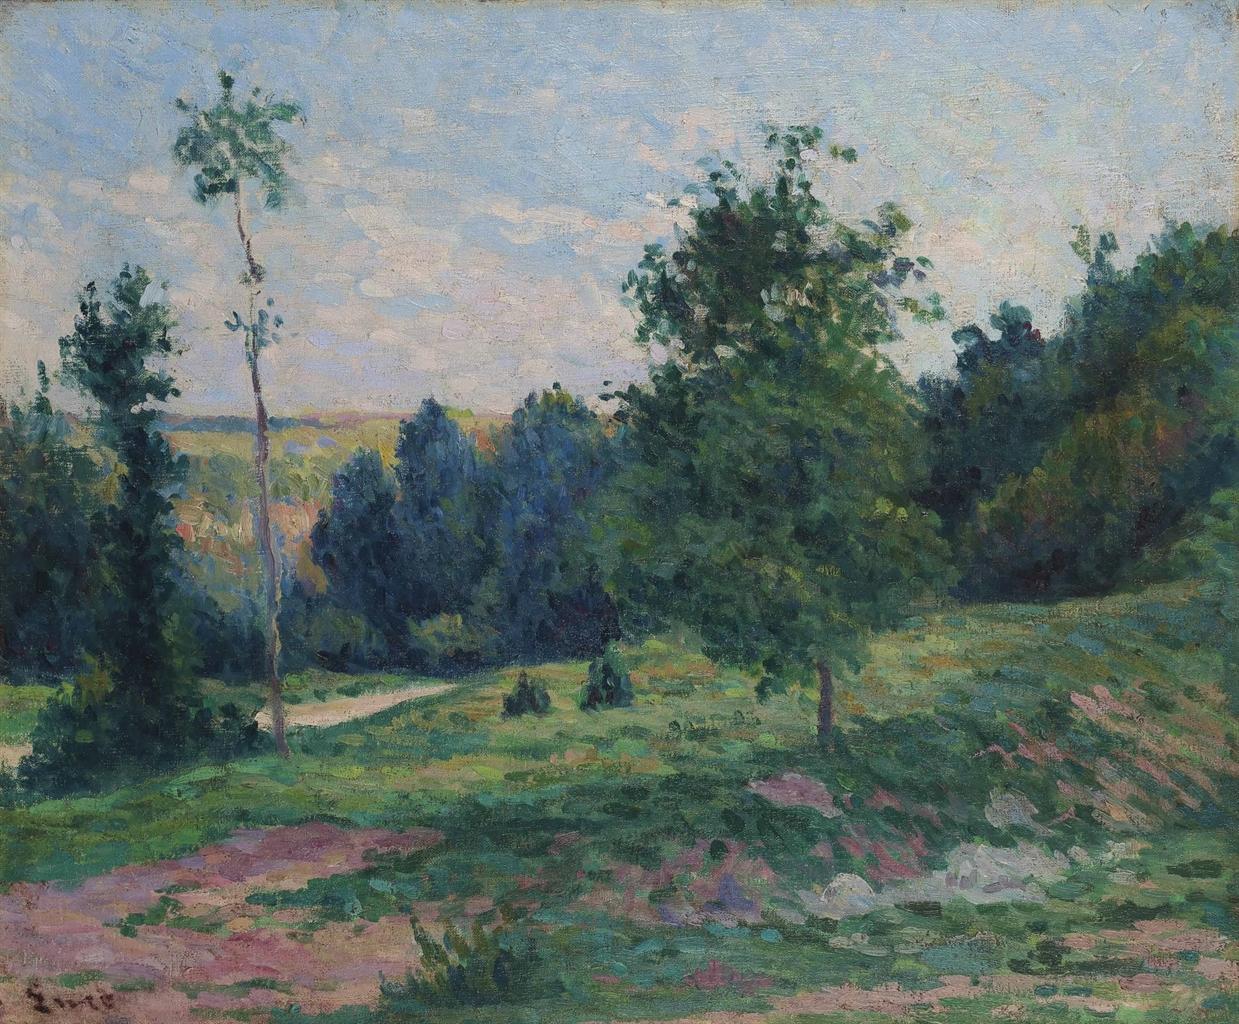 Maximilien Luce-Paysage, les environs de Moulineux-1905